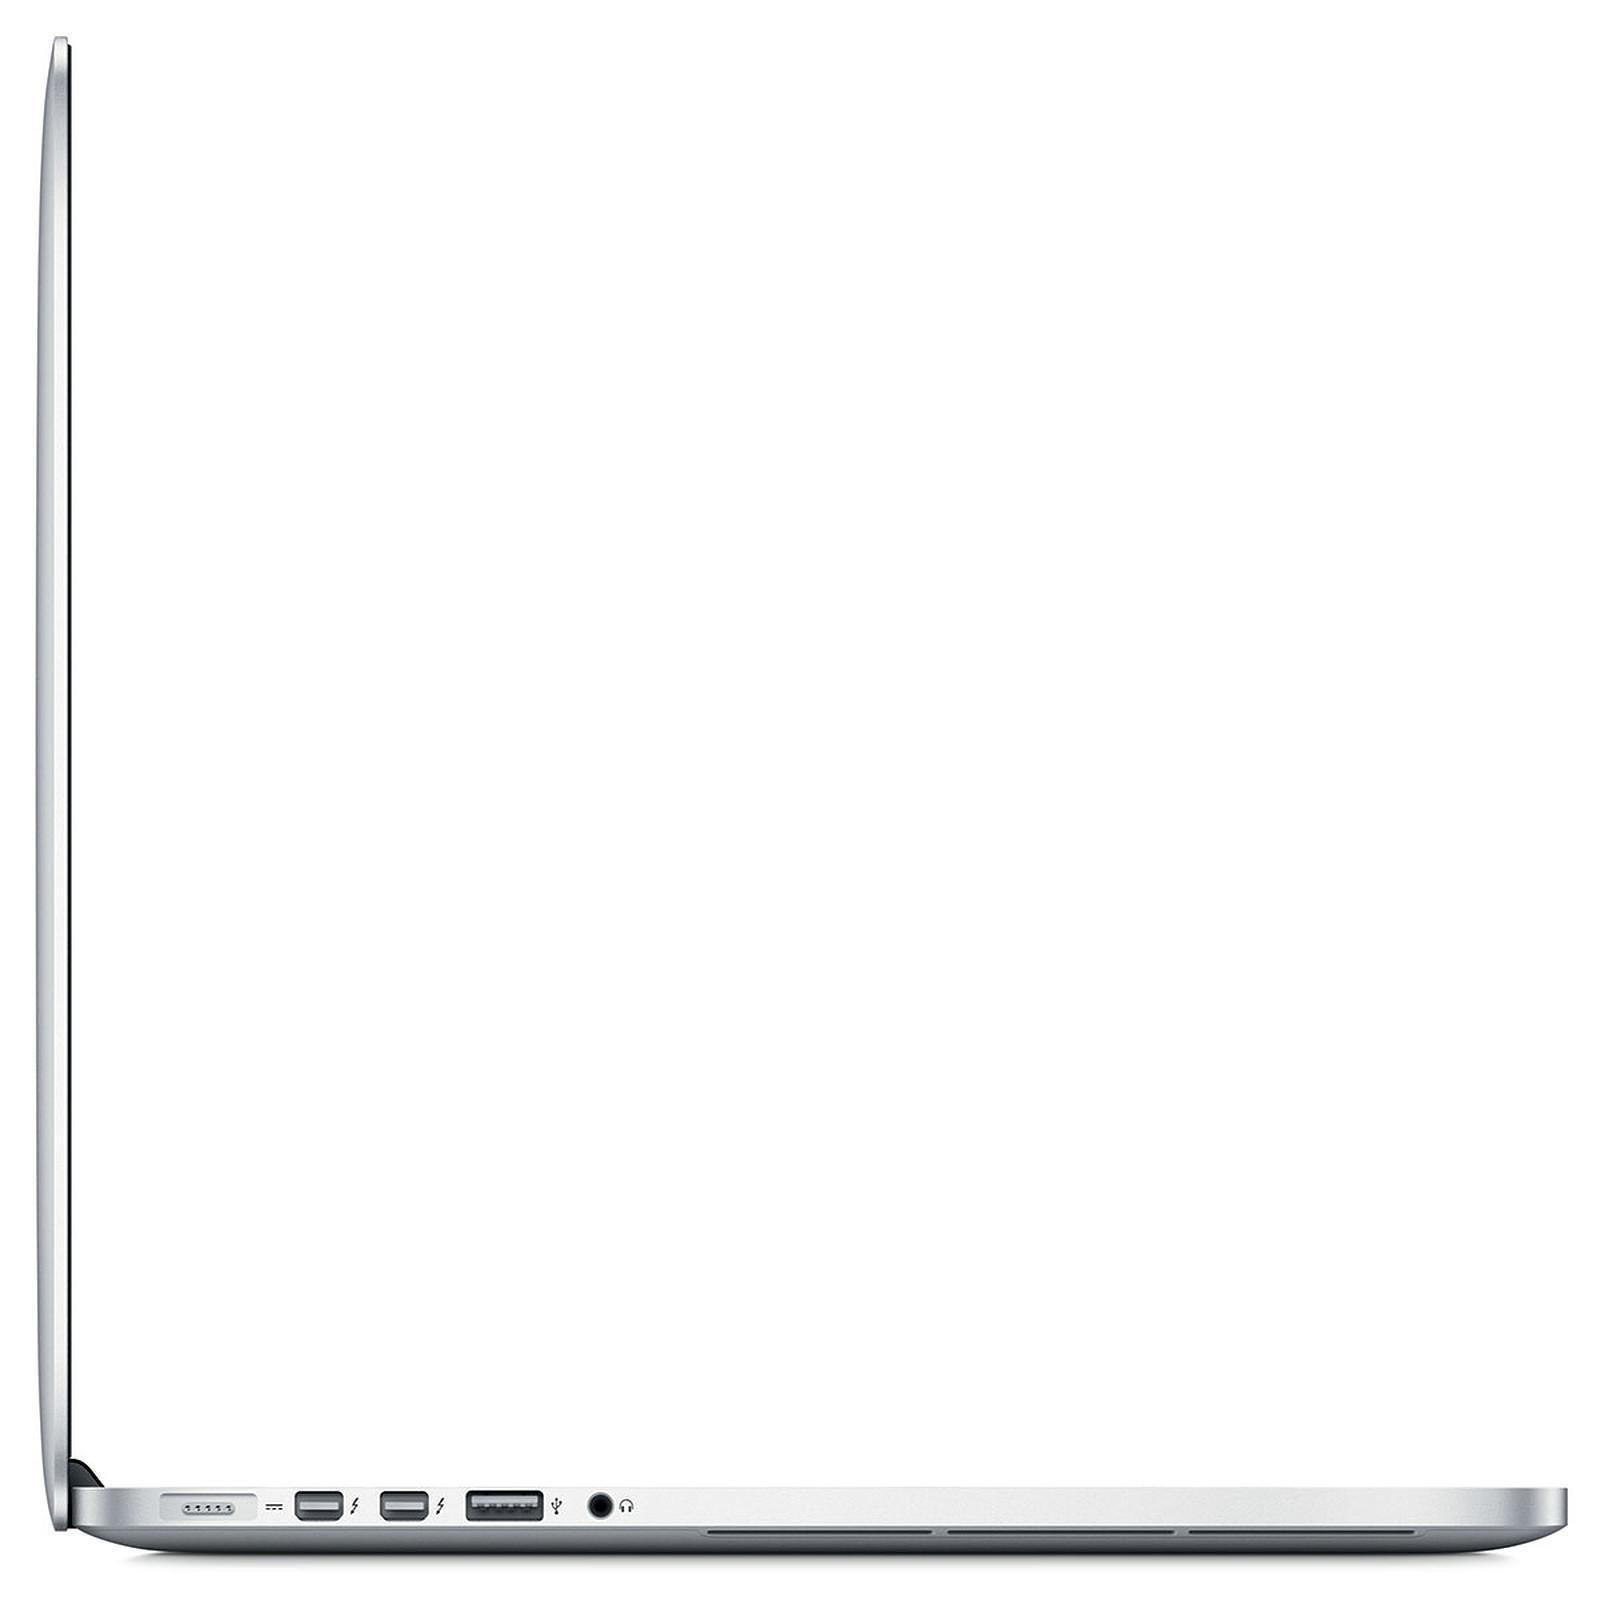 MacBook Pro Retina 15,4-tum (2014) - Core i7 - 16GB - SSD 512 GB QWERTY - Engelska (Storbritannien)